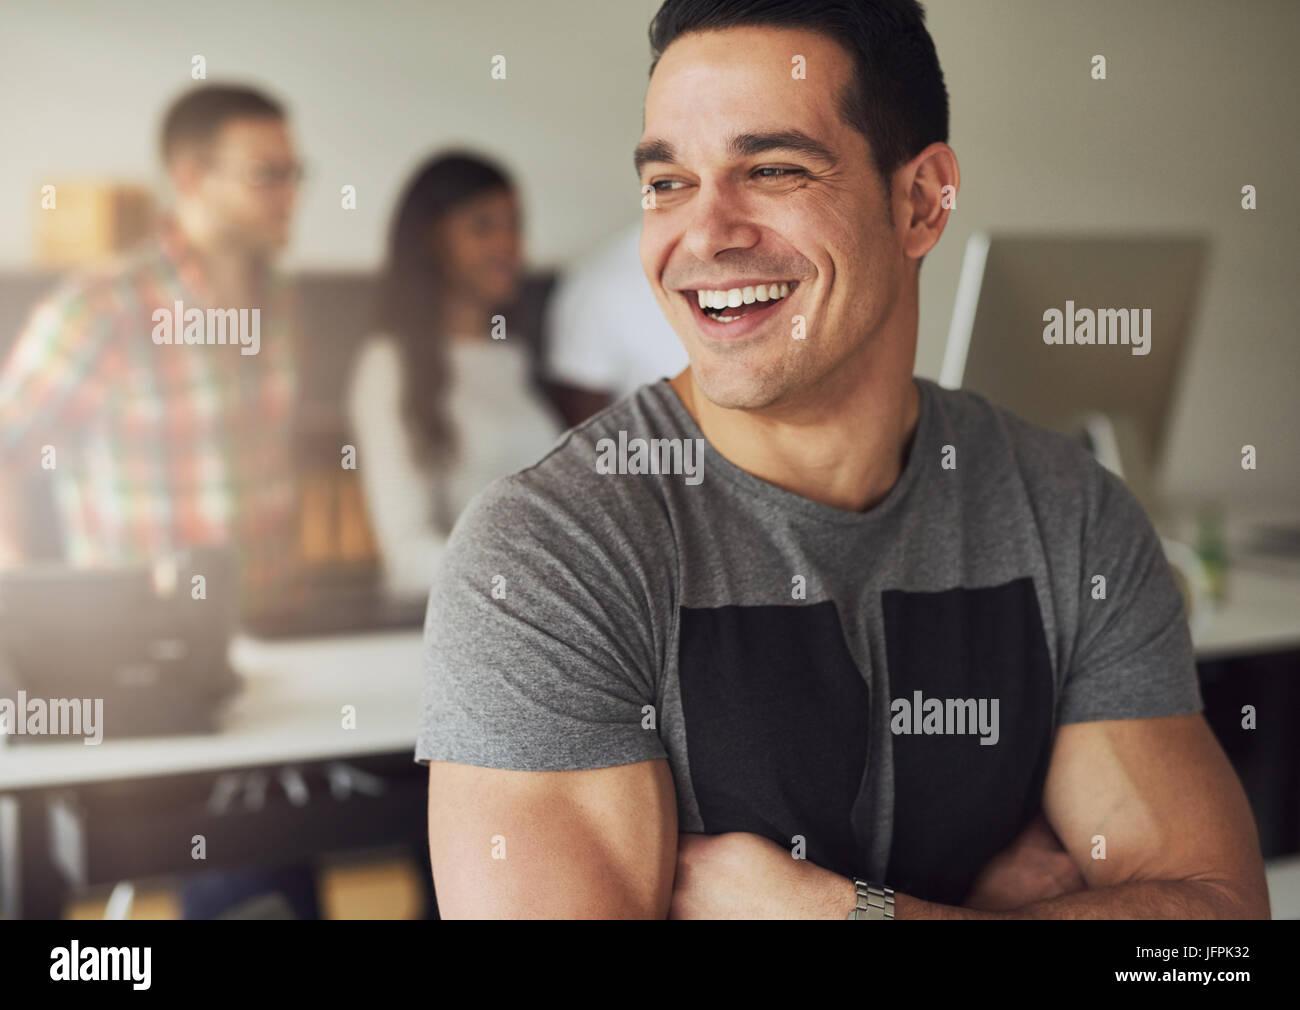 Lächelt zuversichtlich Jüngling mit Armen überquert stehend und wegschauen im Büro. Stockbild